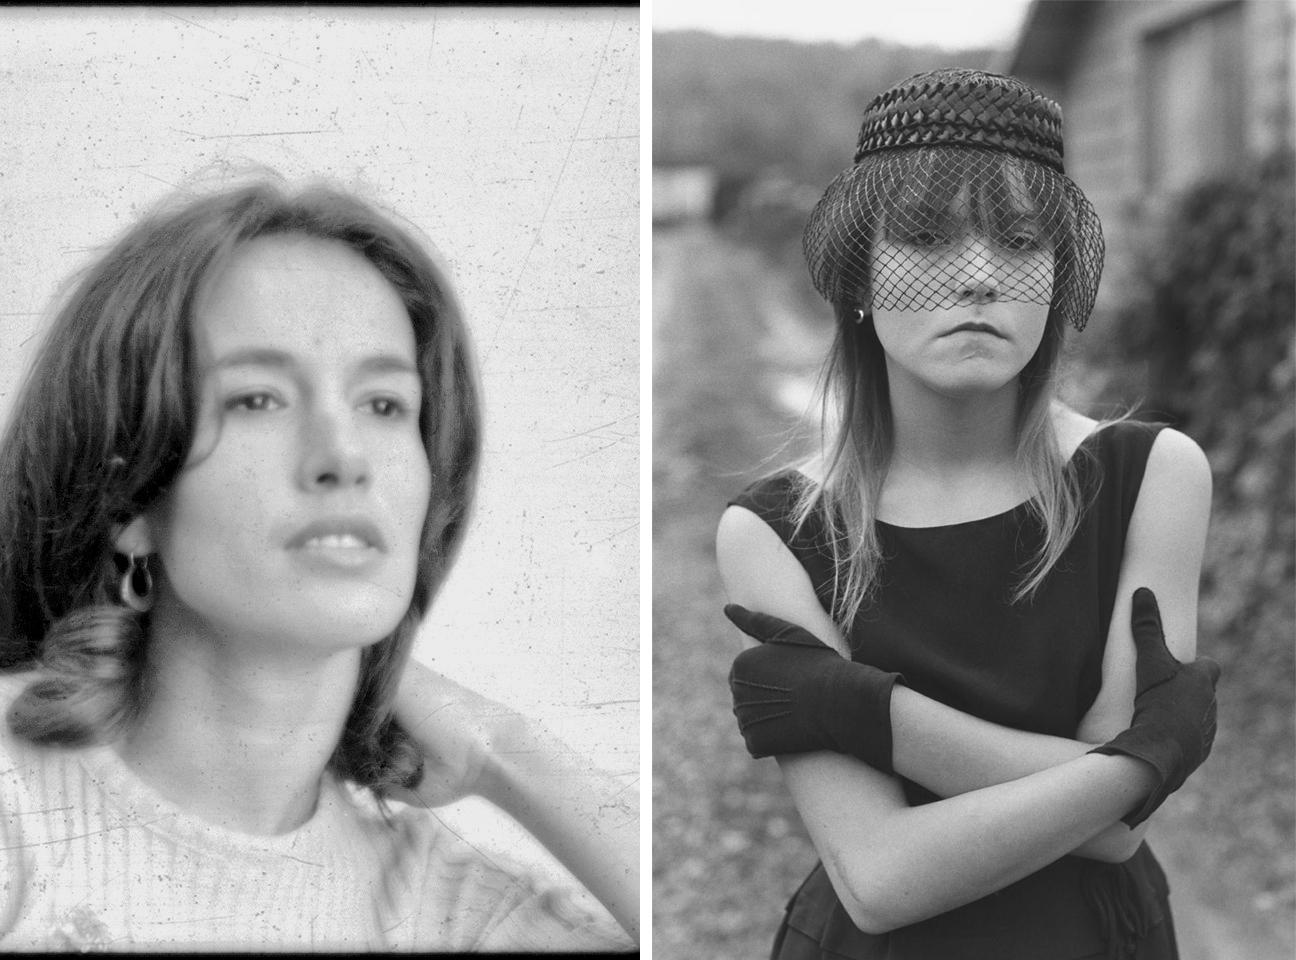 Izquierda, autorretrto de Mary Ellen Mark. Derecha, Tiny